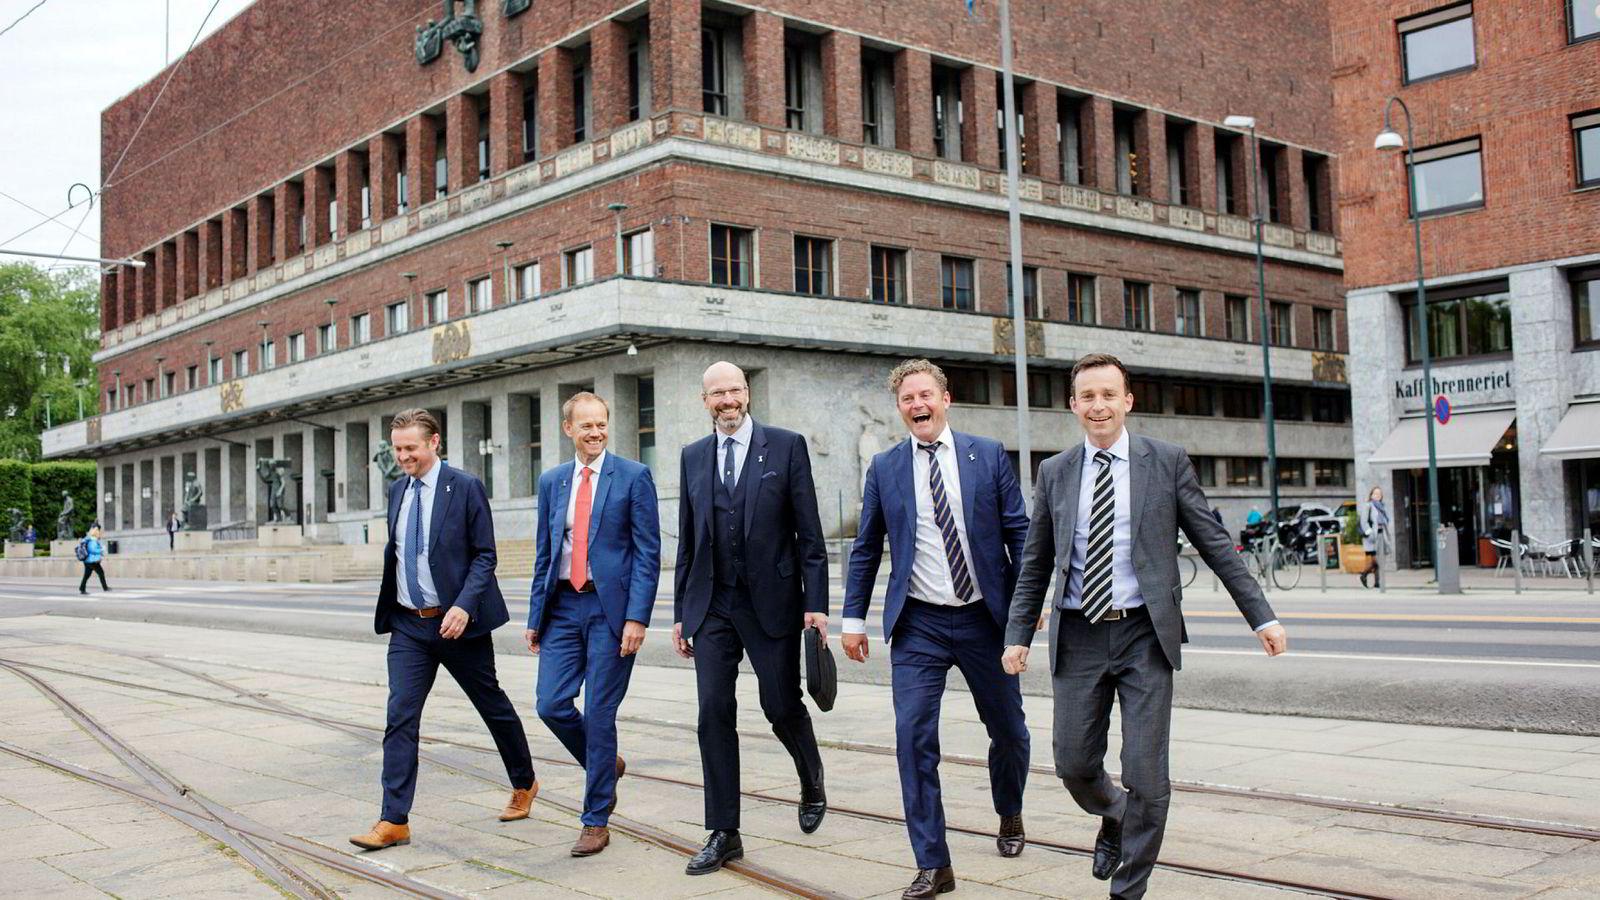 Norvestor selger kjørebokbedriften Abax til et oppkjøpsfond i Bahrain. Fra venstre, Håkon Grønn-Weiss i Abax, Henning Vold i Norvestor, Petter Quinsgaard og Bjørn Erik Helgeland i Abax og Are Stenberg i Norvestor.